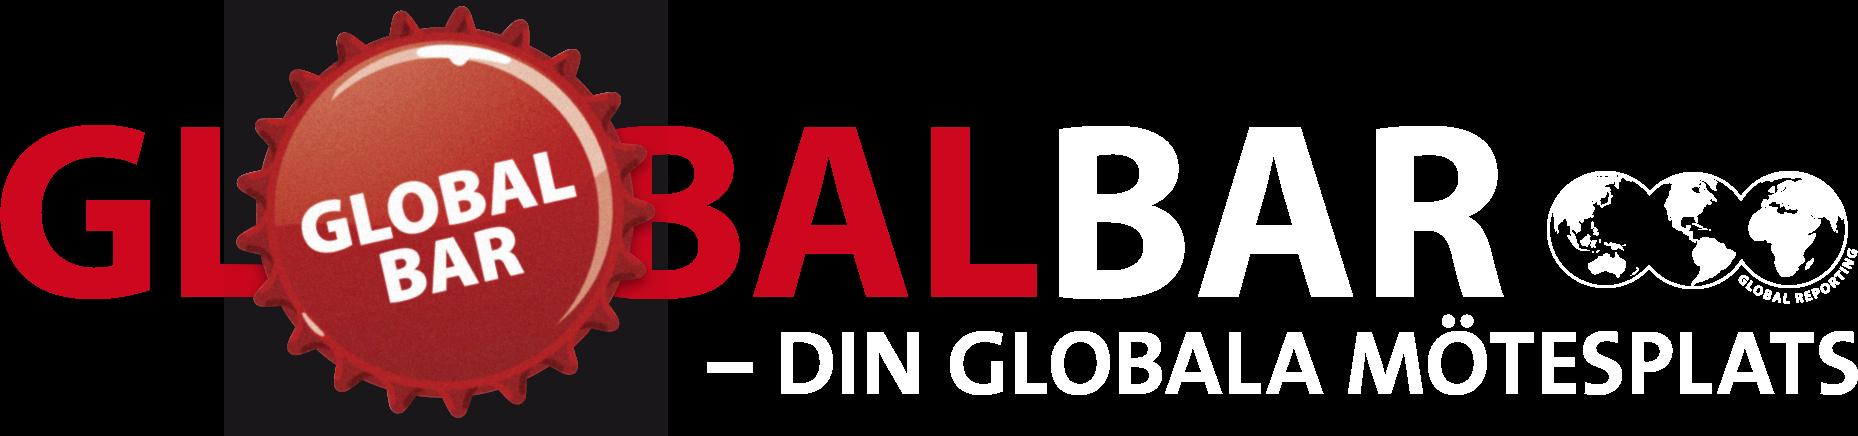 Global Bar